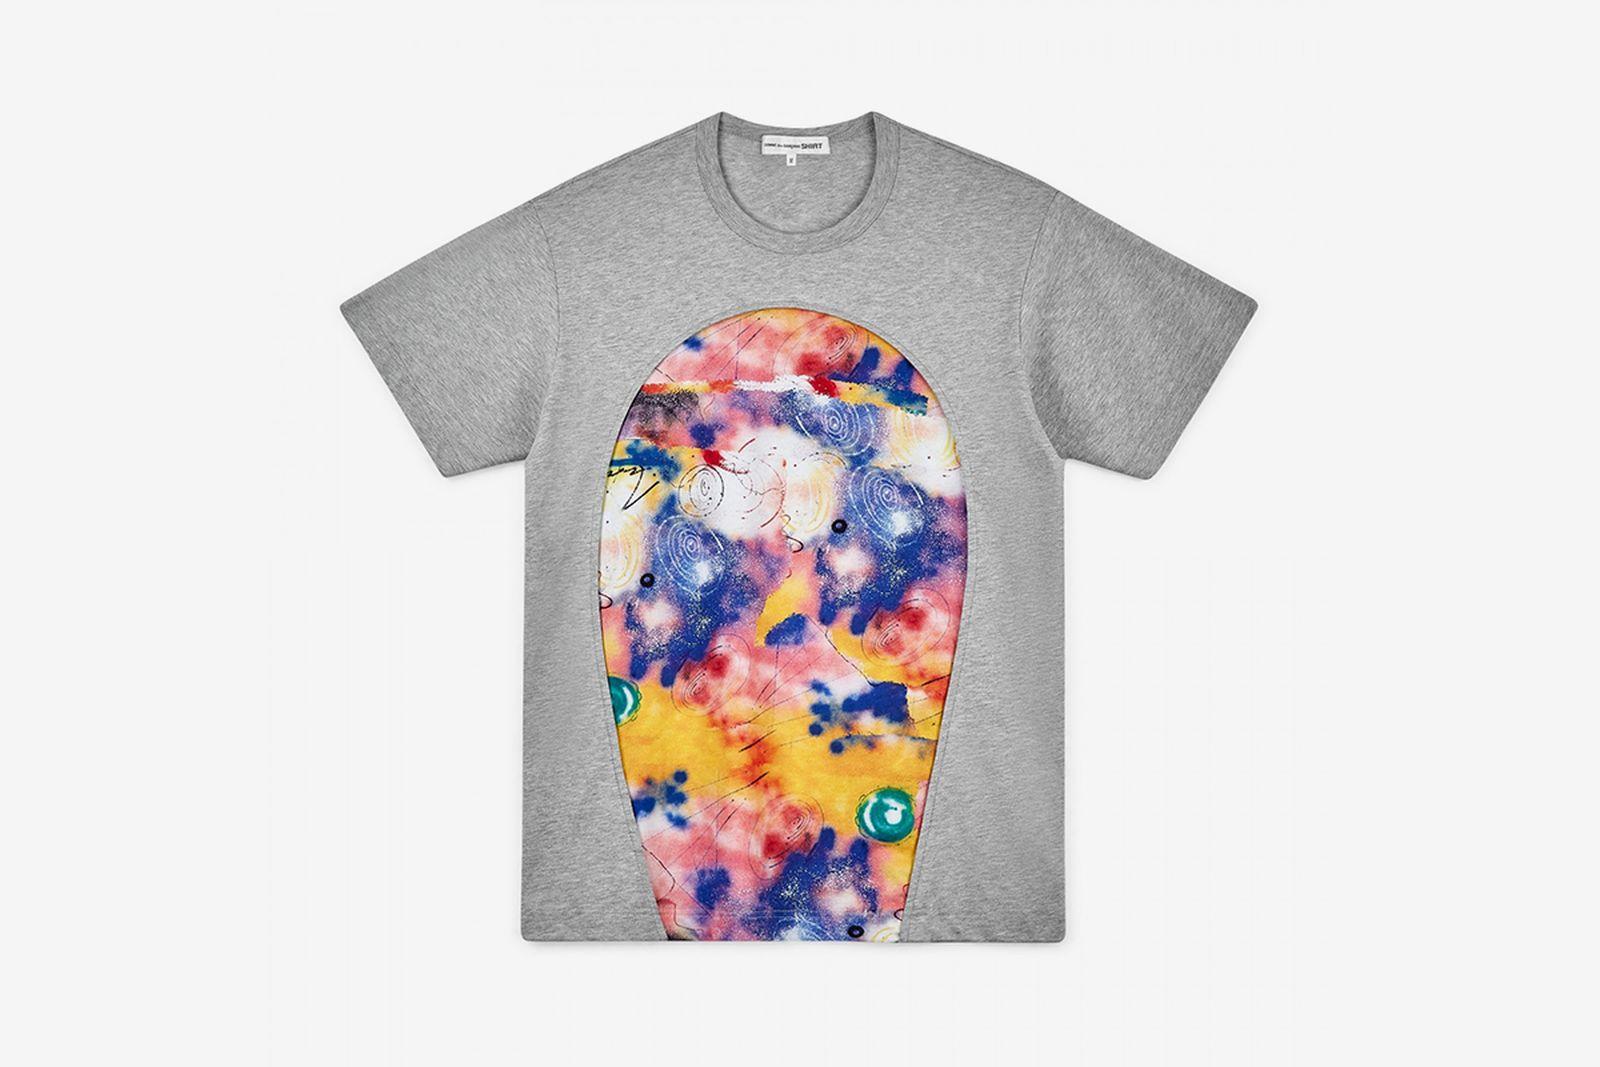 Futura x COMME des GARÇONS SHIRT T-shirt